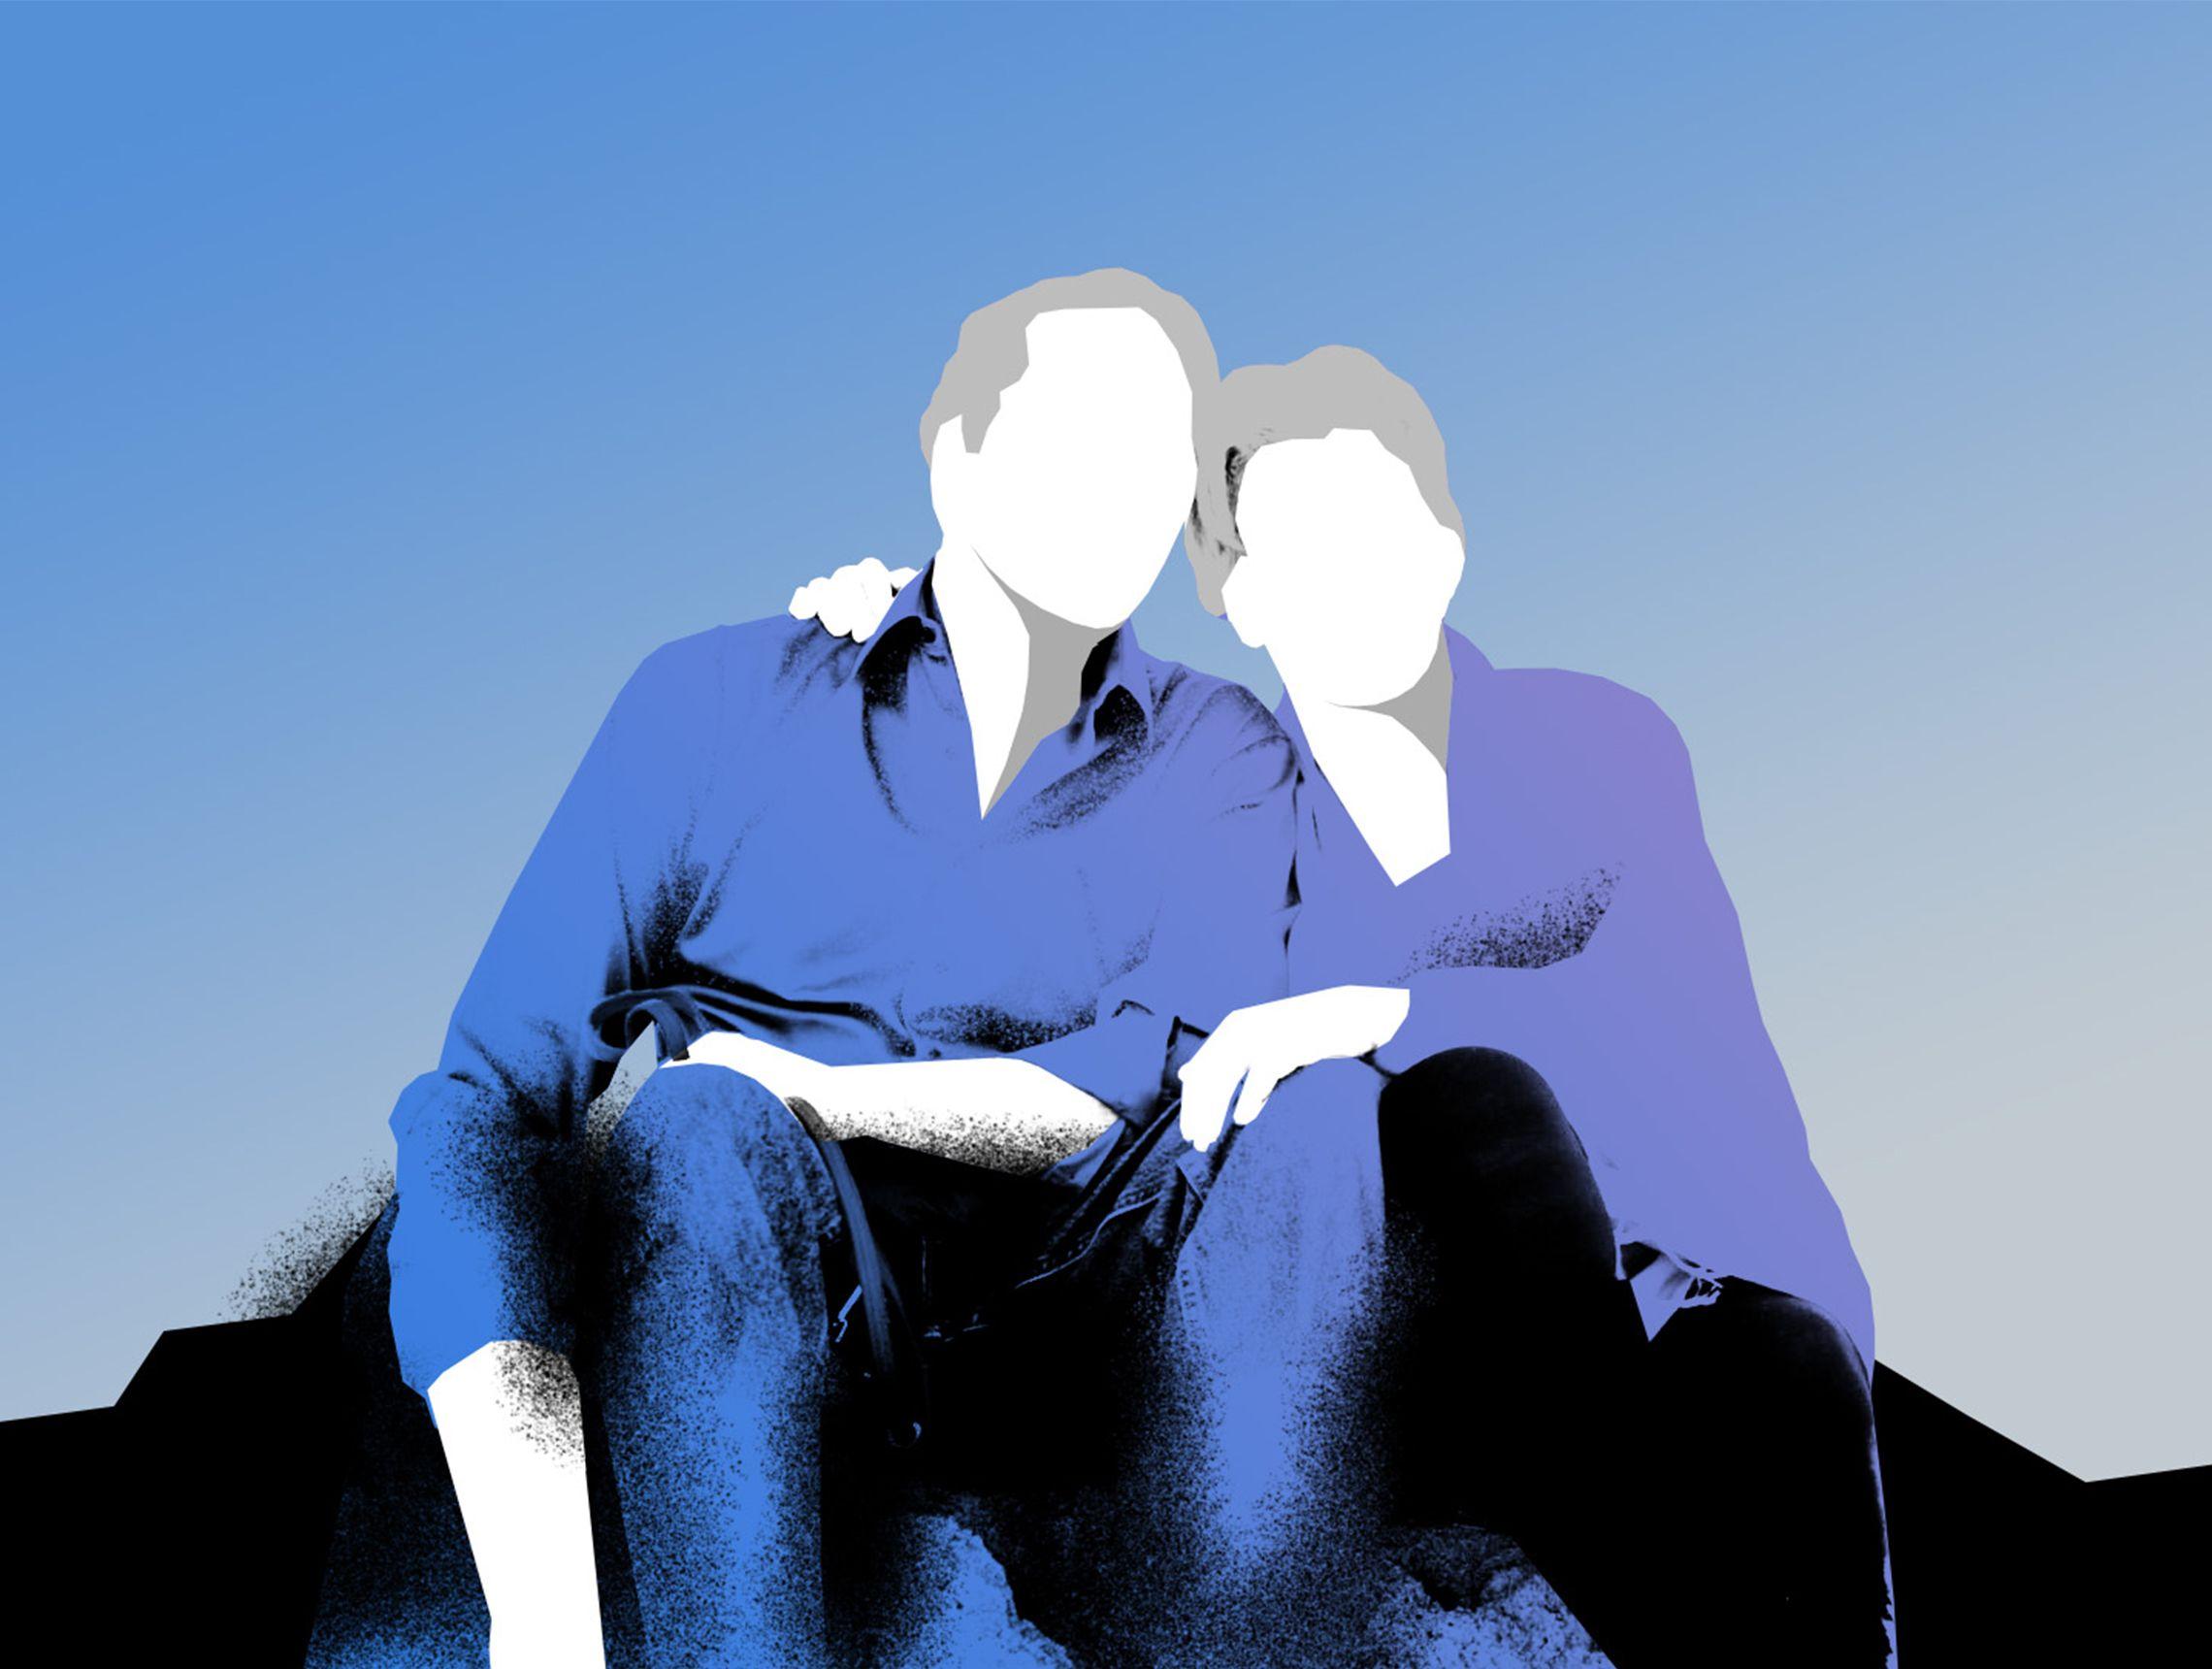 Älteres Pärchen sitzen Arm in Arm mit dem Blick zum Himmel gerichtet PWWL Illustration